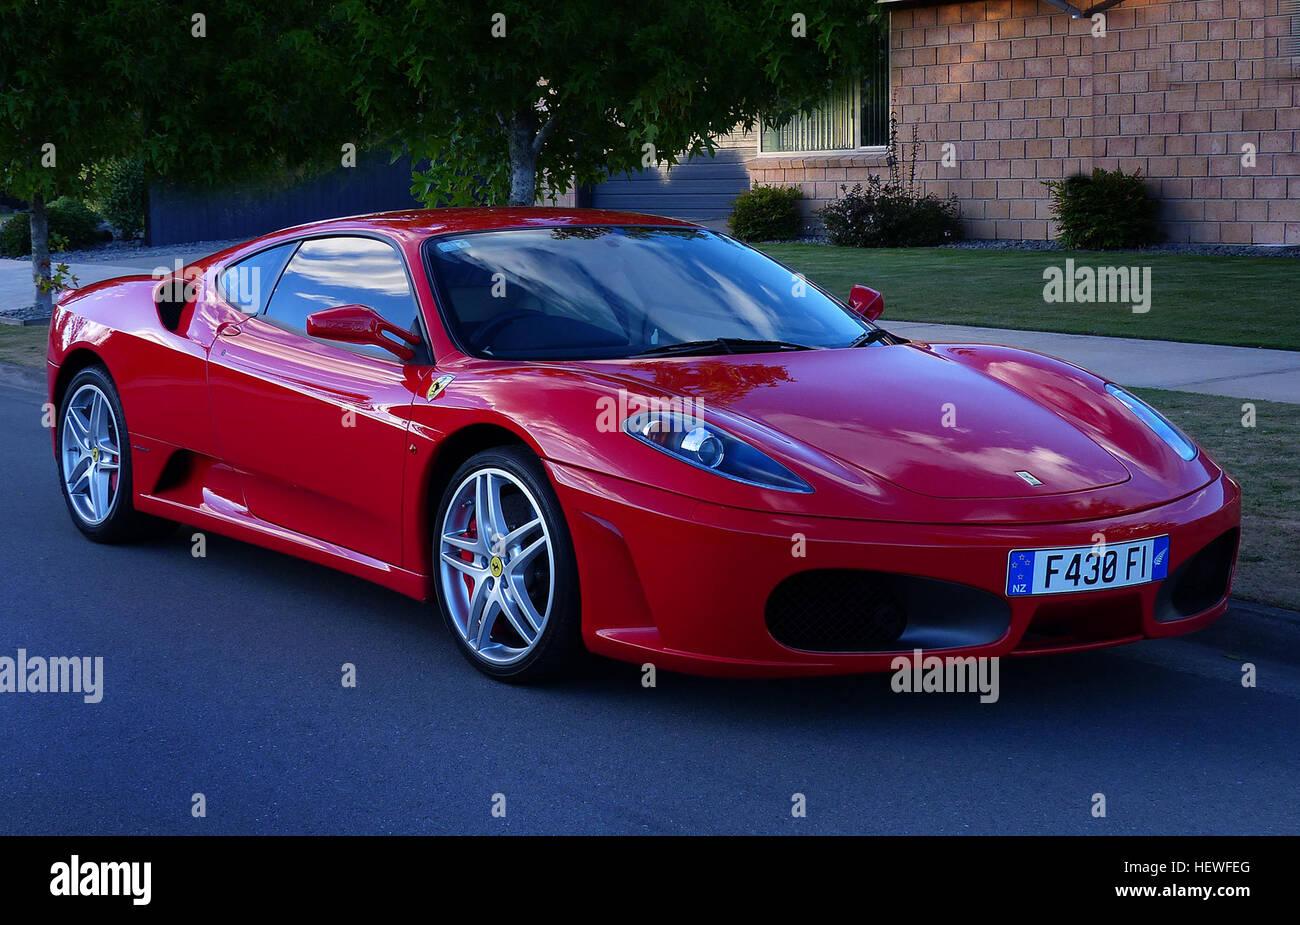 2006 Ferrari F430 Berlinetta F1 2dr Coupe übersicht Ist Der Ferrari F430 Bestandteil Der Umfangreiche Automotive Performance Geschichte Des Berühmten Autoherstellers Als Das Unternehmen Acht Zylinder Sportwagen Wurde Vor Kurzem Der F430 Als